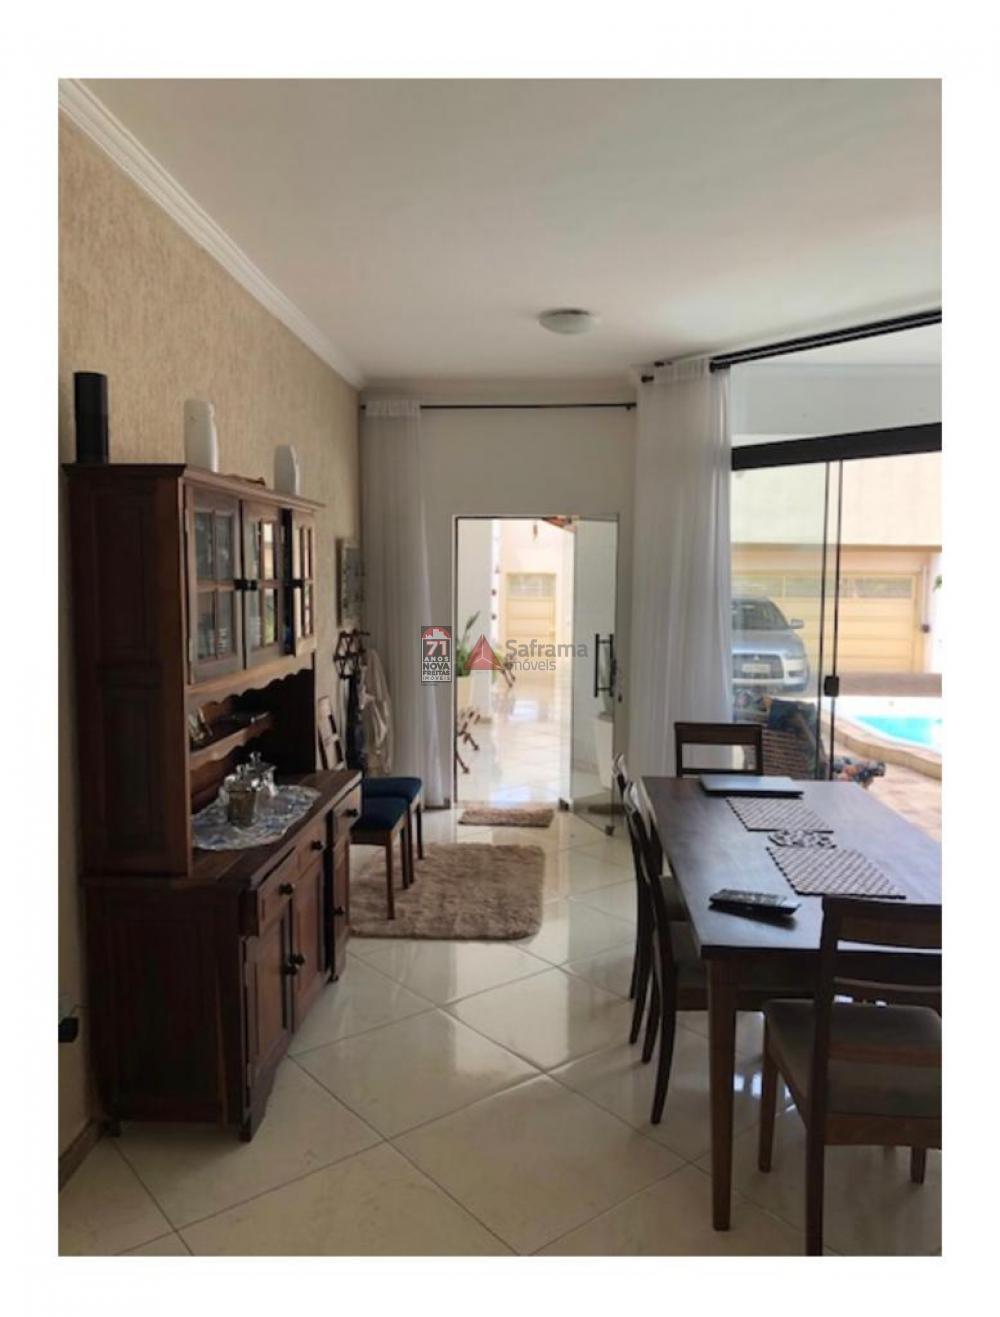 Comprar Casa / Sobrado em Aparecida apenas R$ 999.000,00 - Foto 4